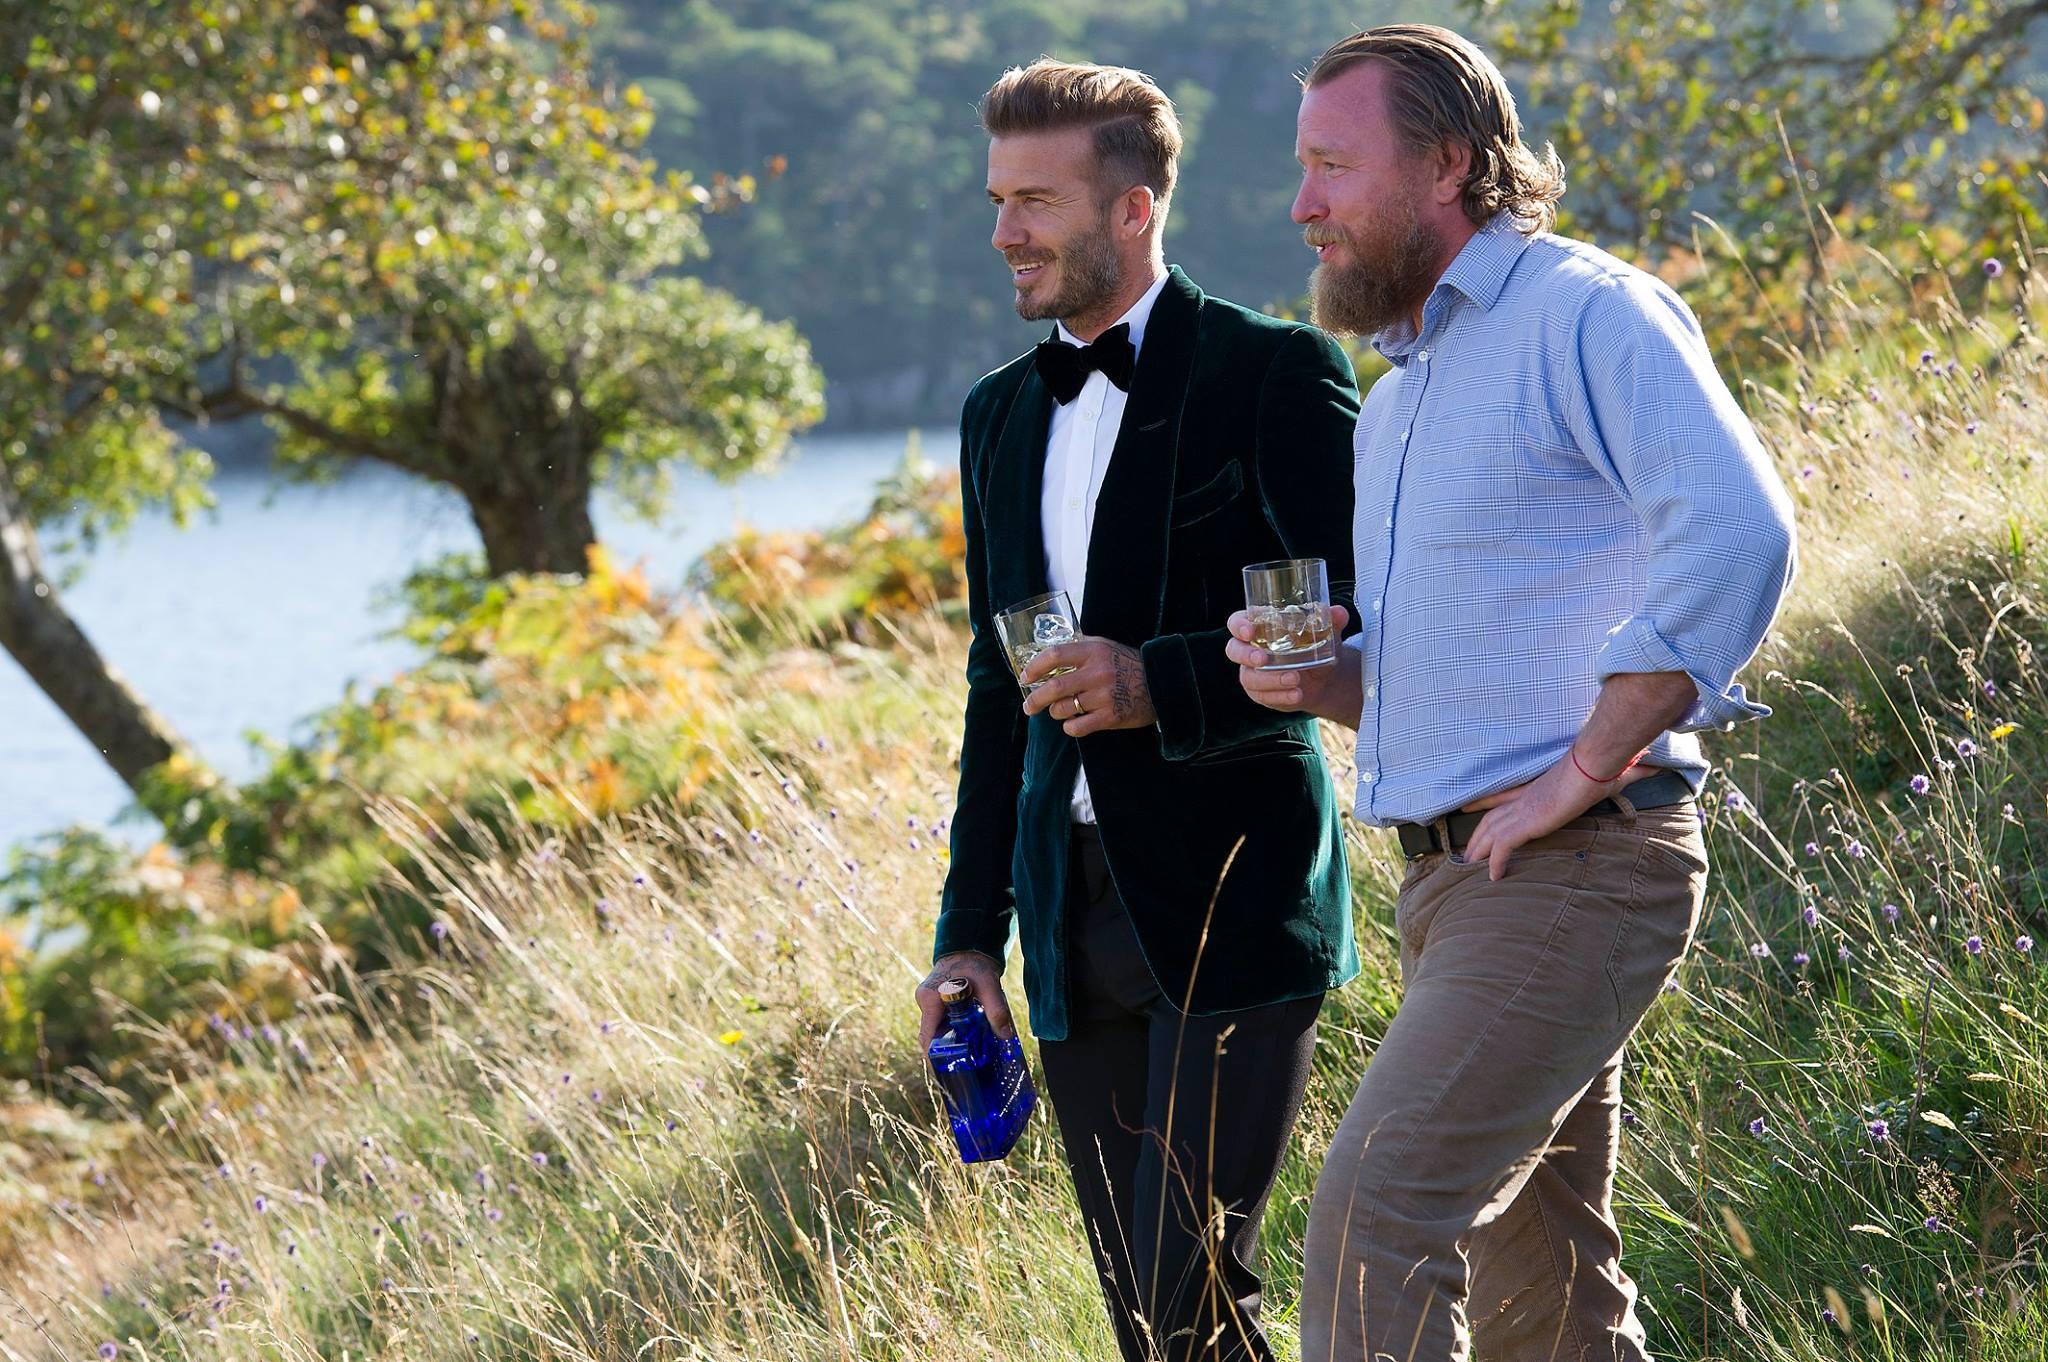 İzleyin: Guy Ritchie 'David Beckham ve Ben Gay Spor Salonuna Gidiyoruz'